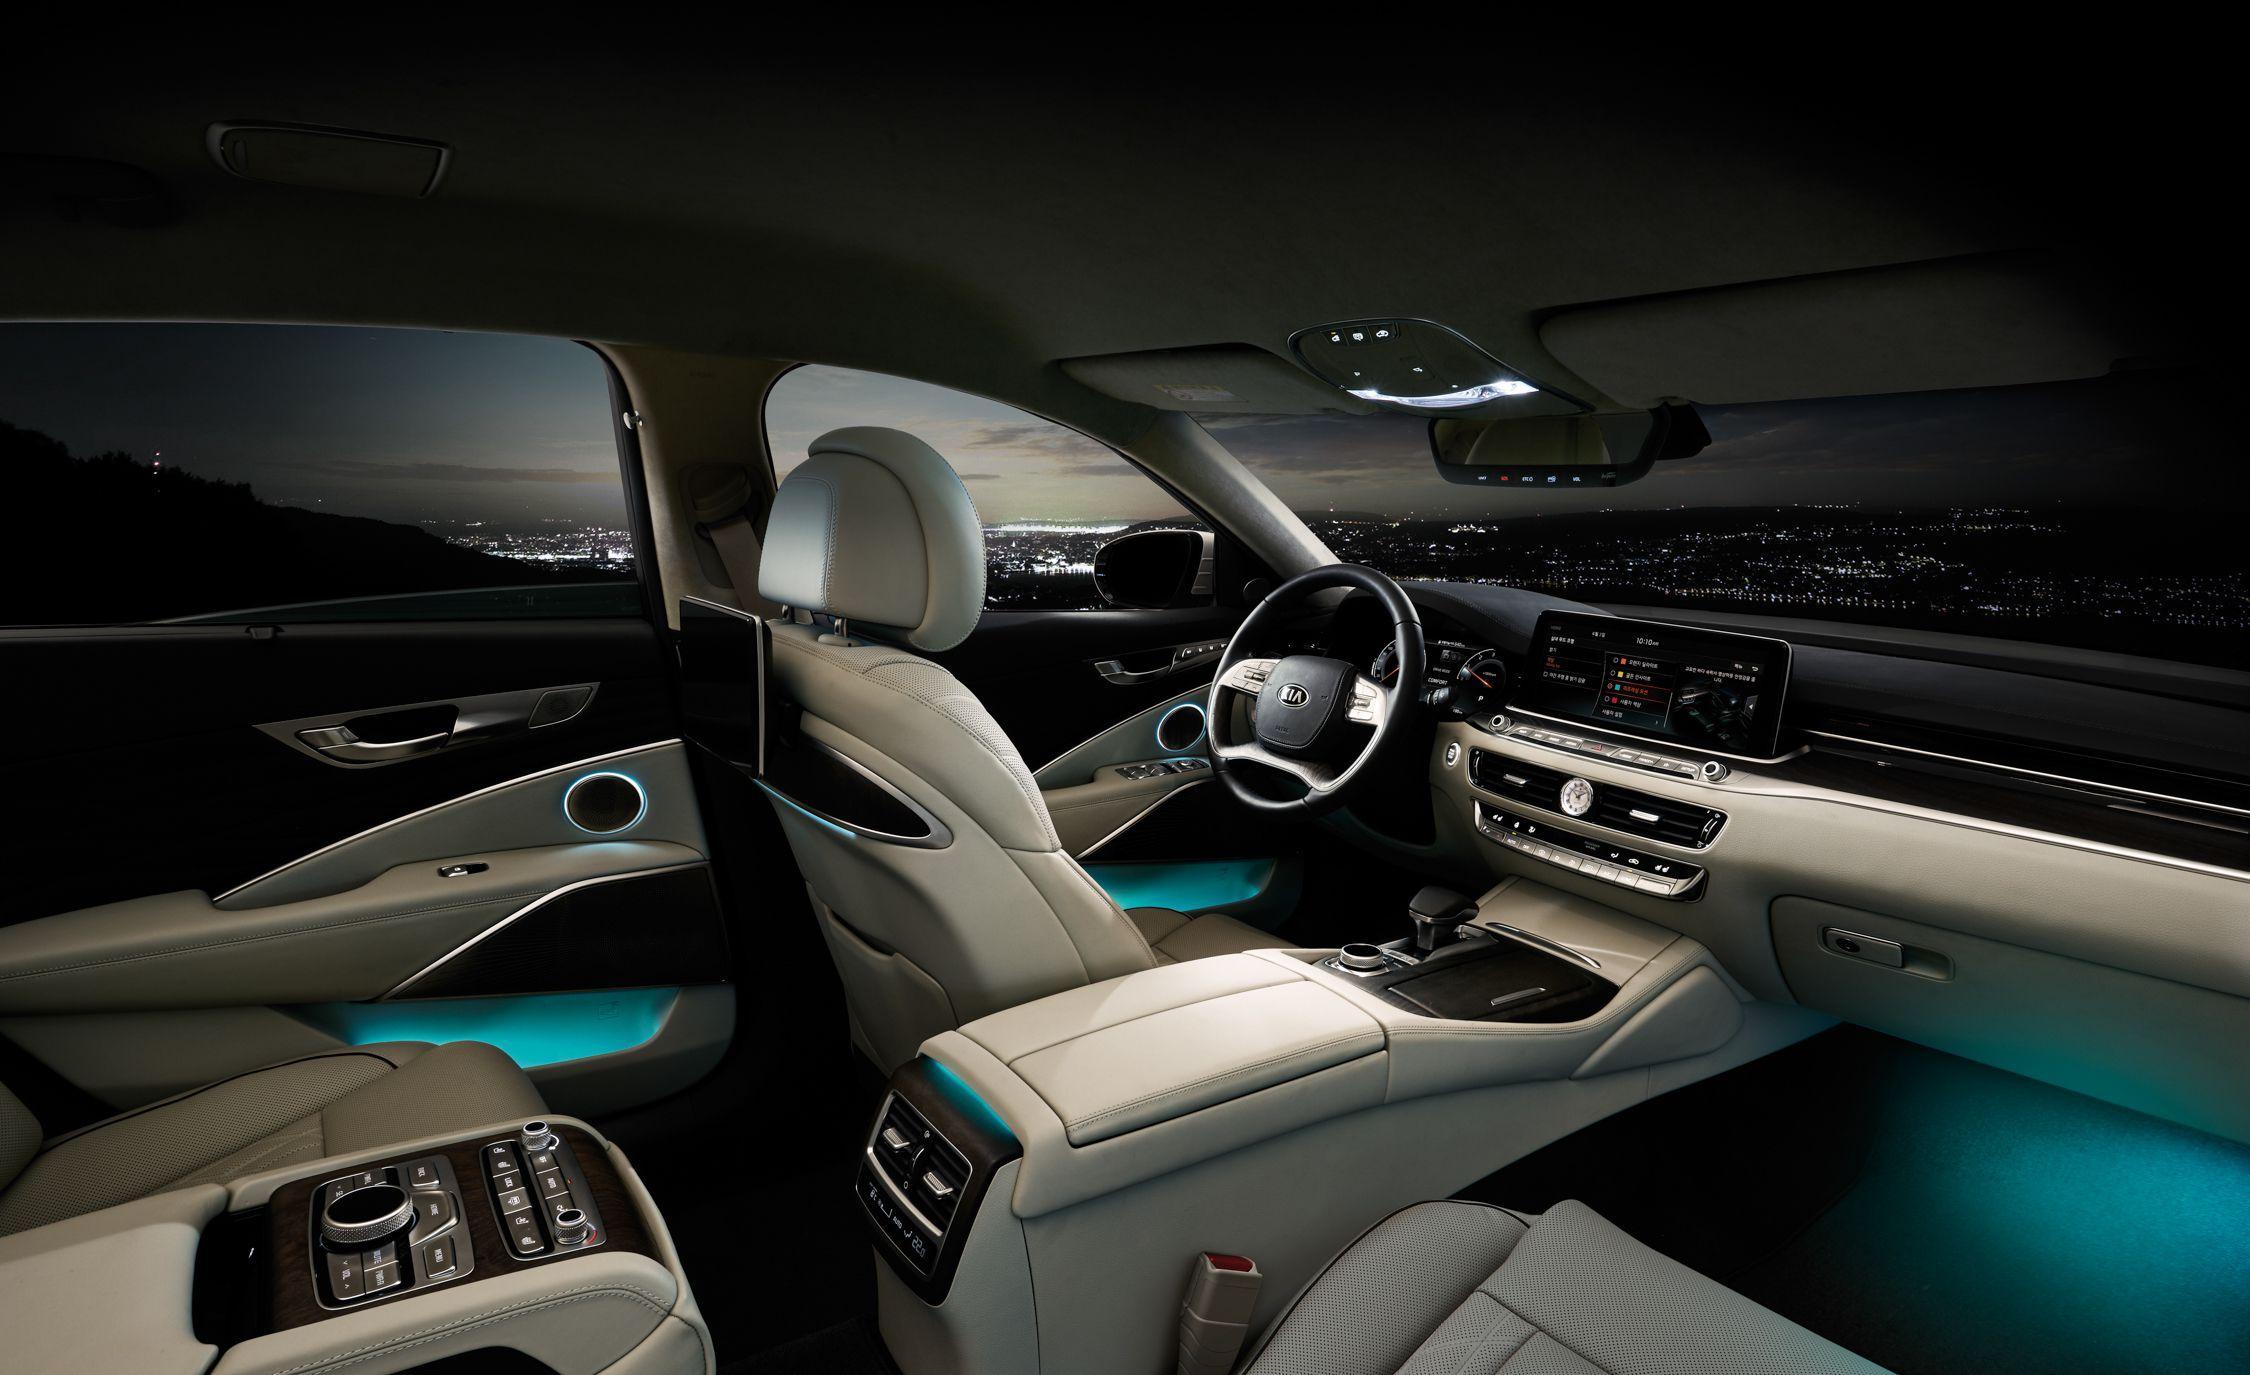 Check Out The 2019 Kia K900 Interior Koreancar 2019 K900 Interior Westside Kia Kia Car Interior Luxury Car Price